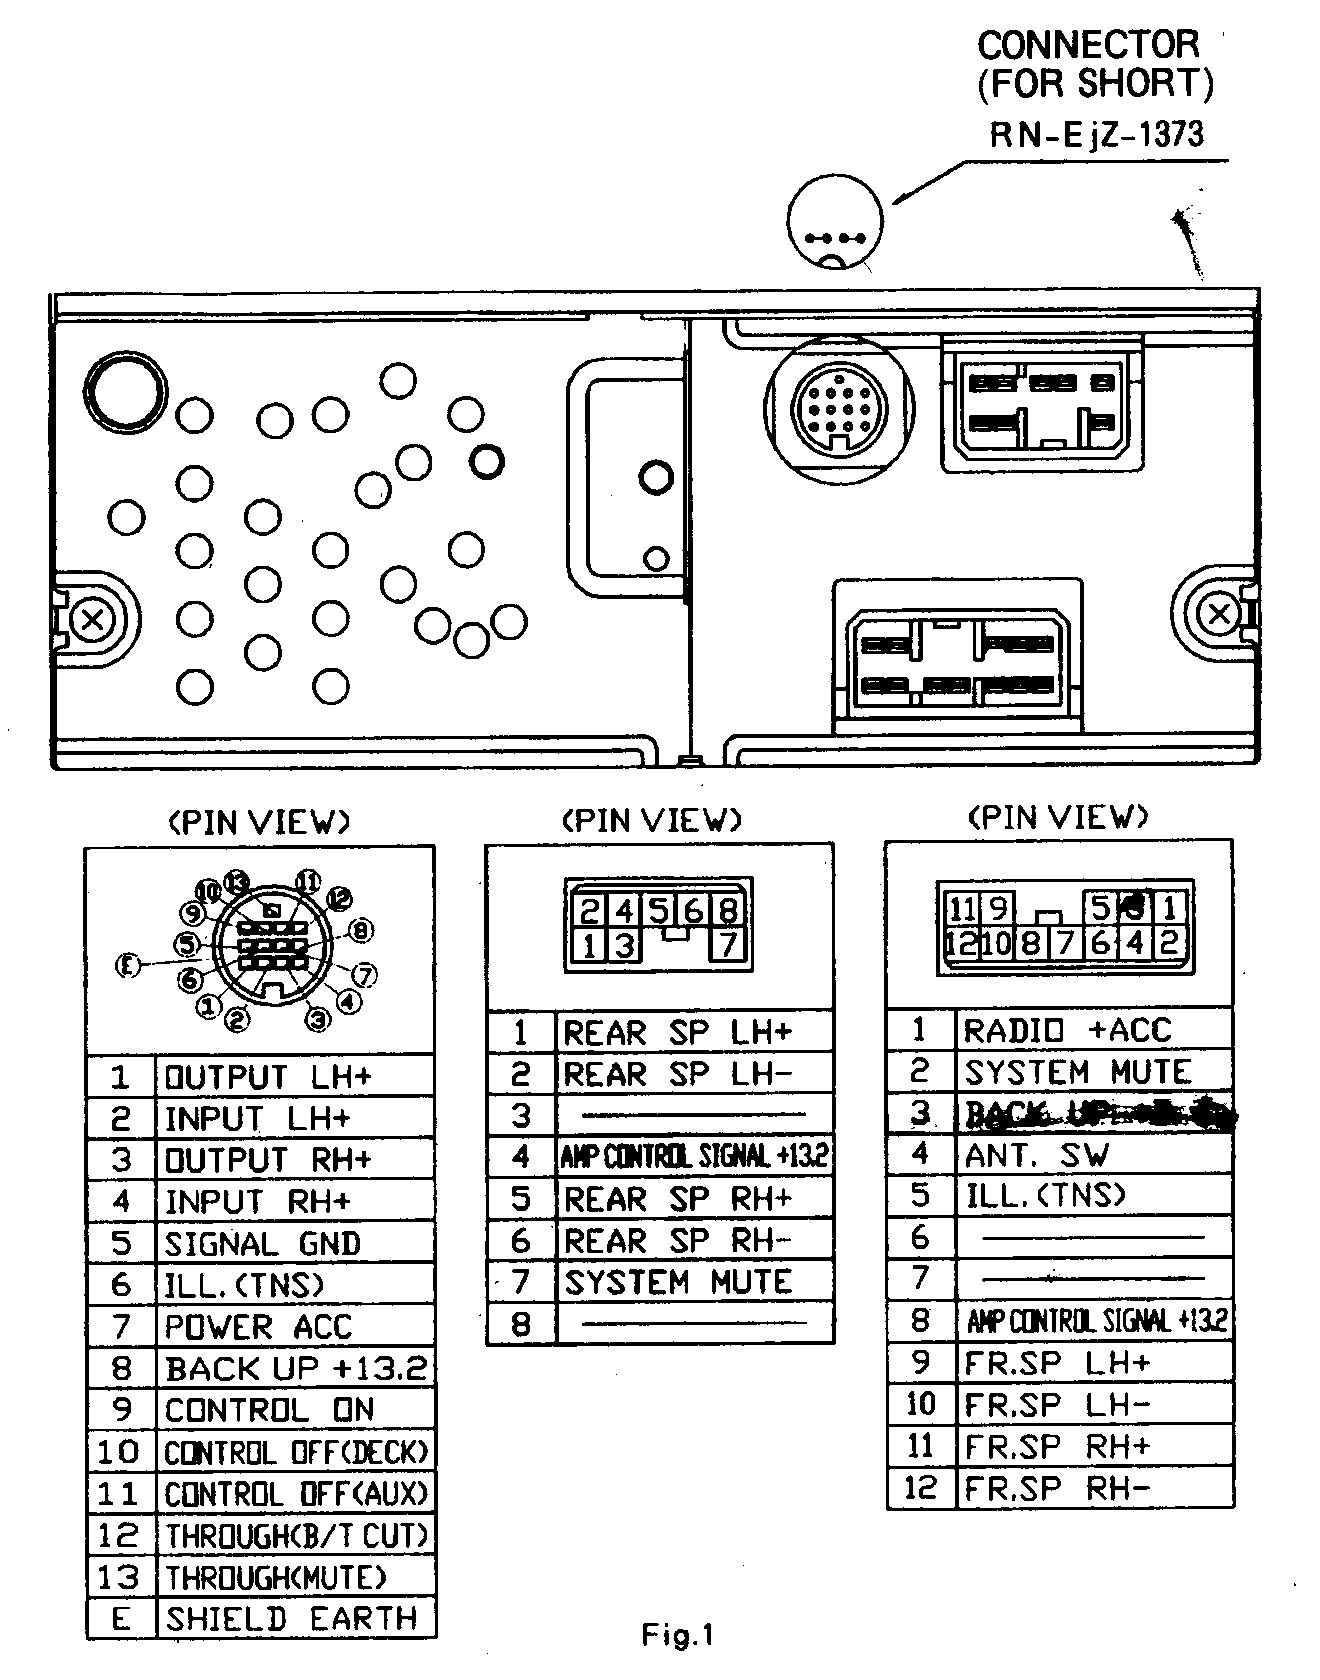 2000 Mazda Mpv Engine Diagram 2005 Mazda 3 Radio Wiring Diagram Wiring Diagram Of 2000 Mazda Mpv Engine Diagram